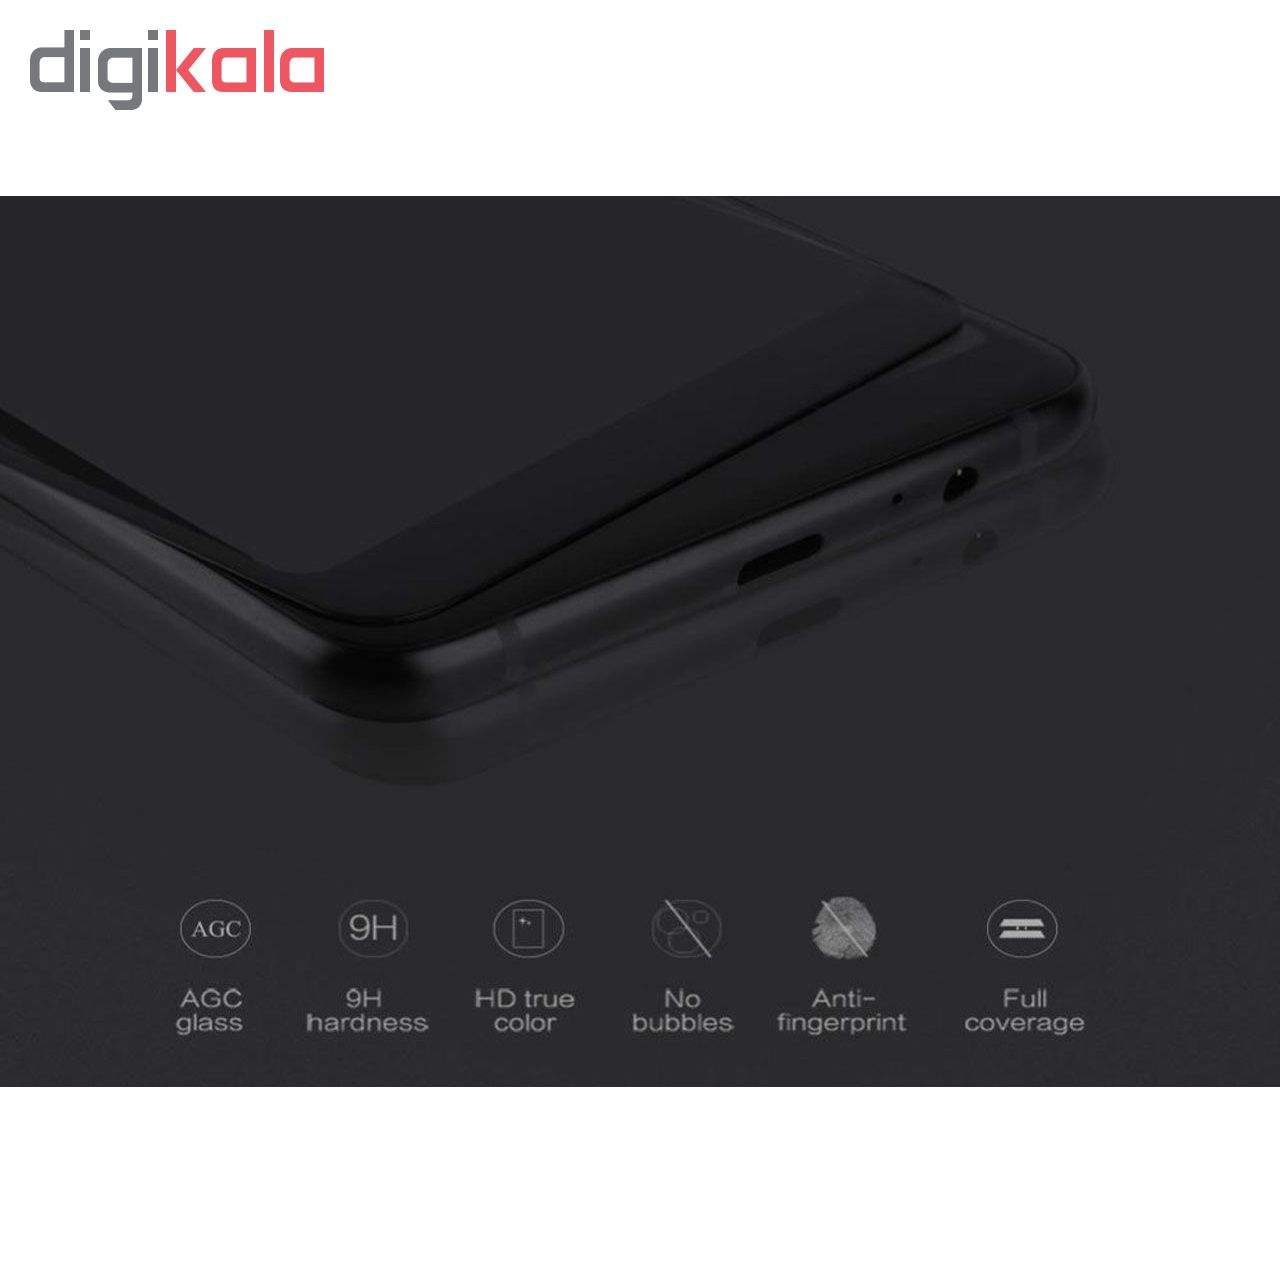 محافظ صفحه نمایش 6D مورفی مدل MR7 مناسب برای گوشی موبایل سامسونگ Galaxy J7 Prime main 1 2